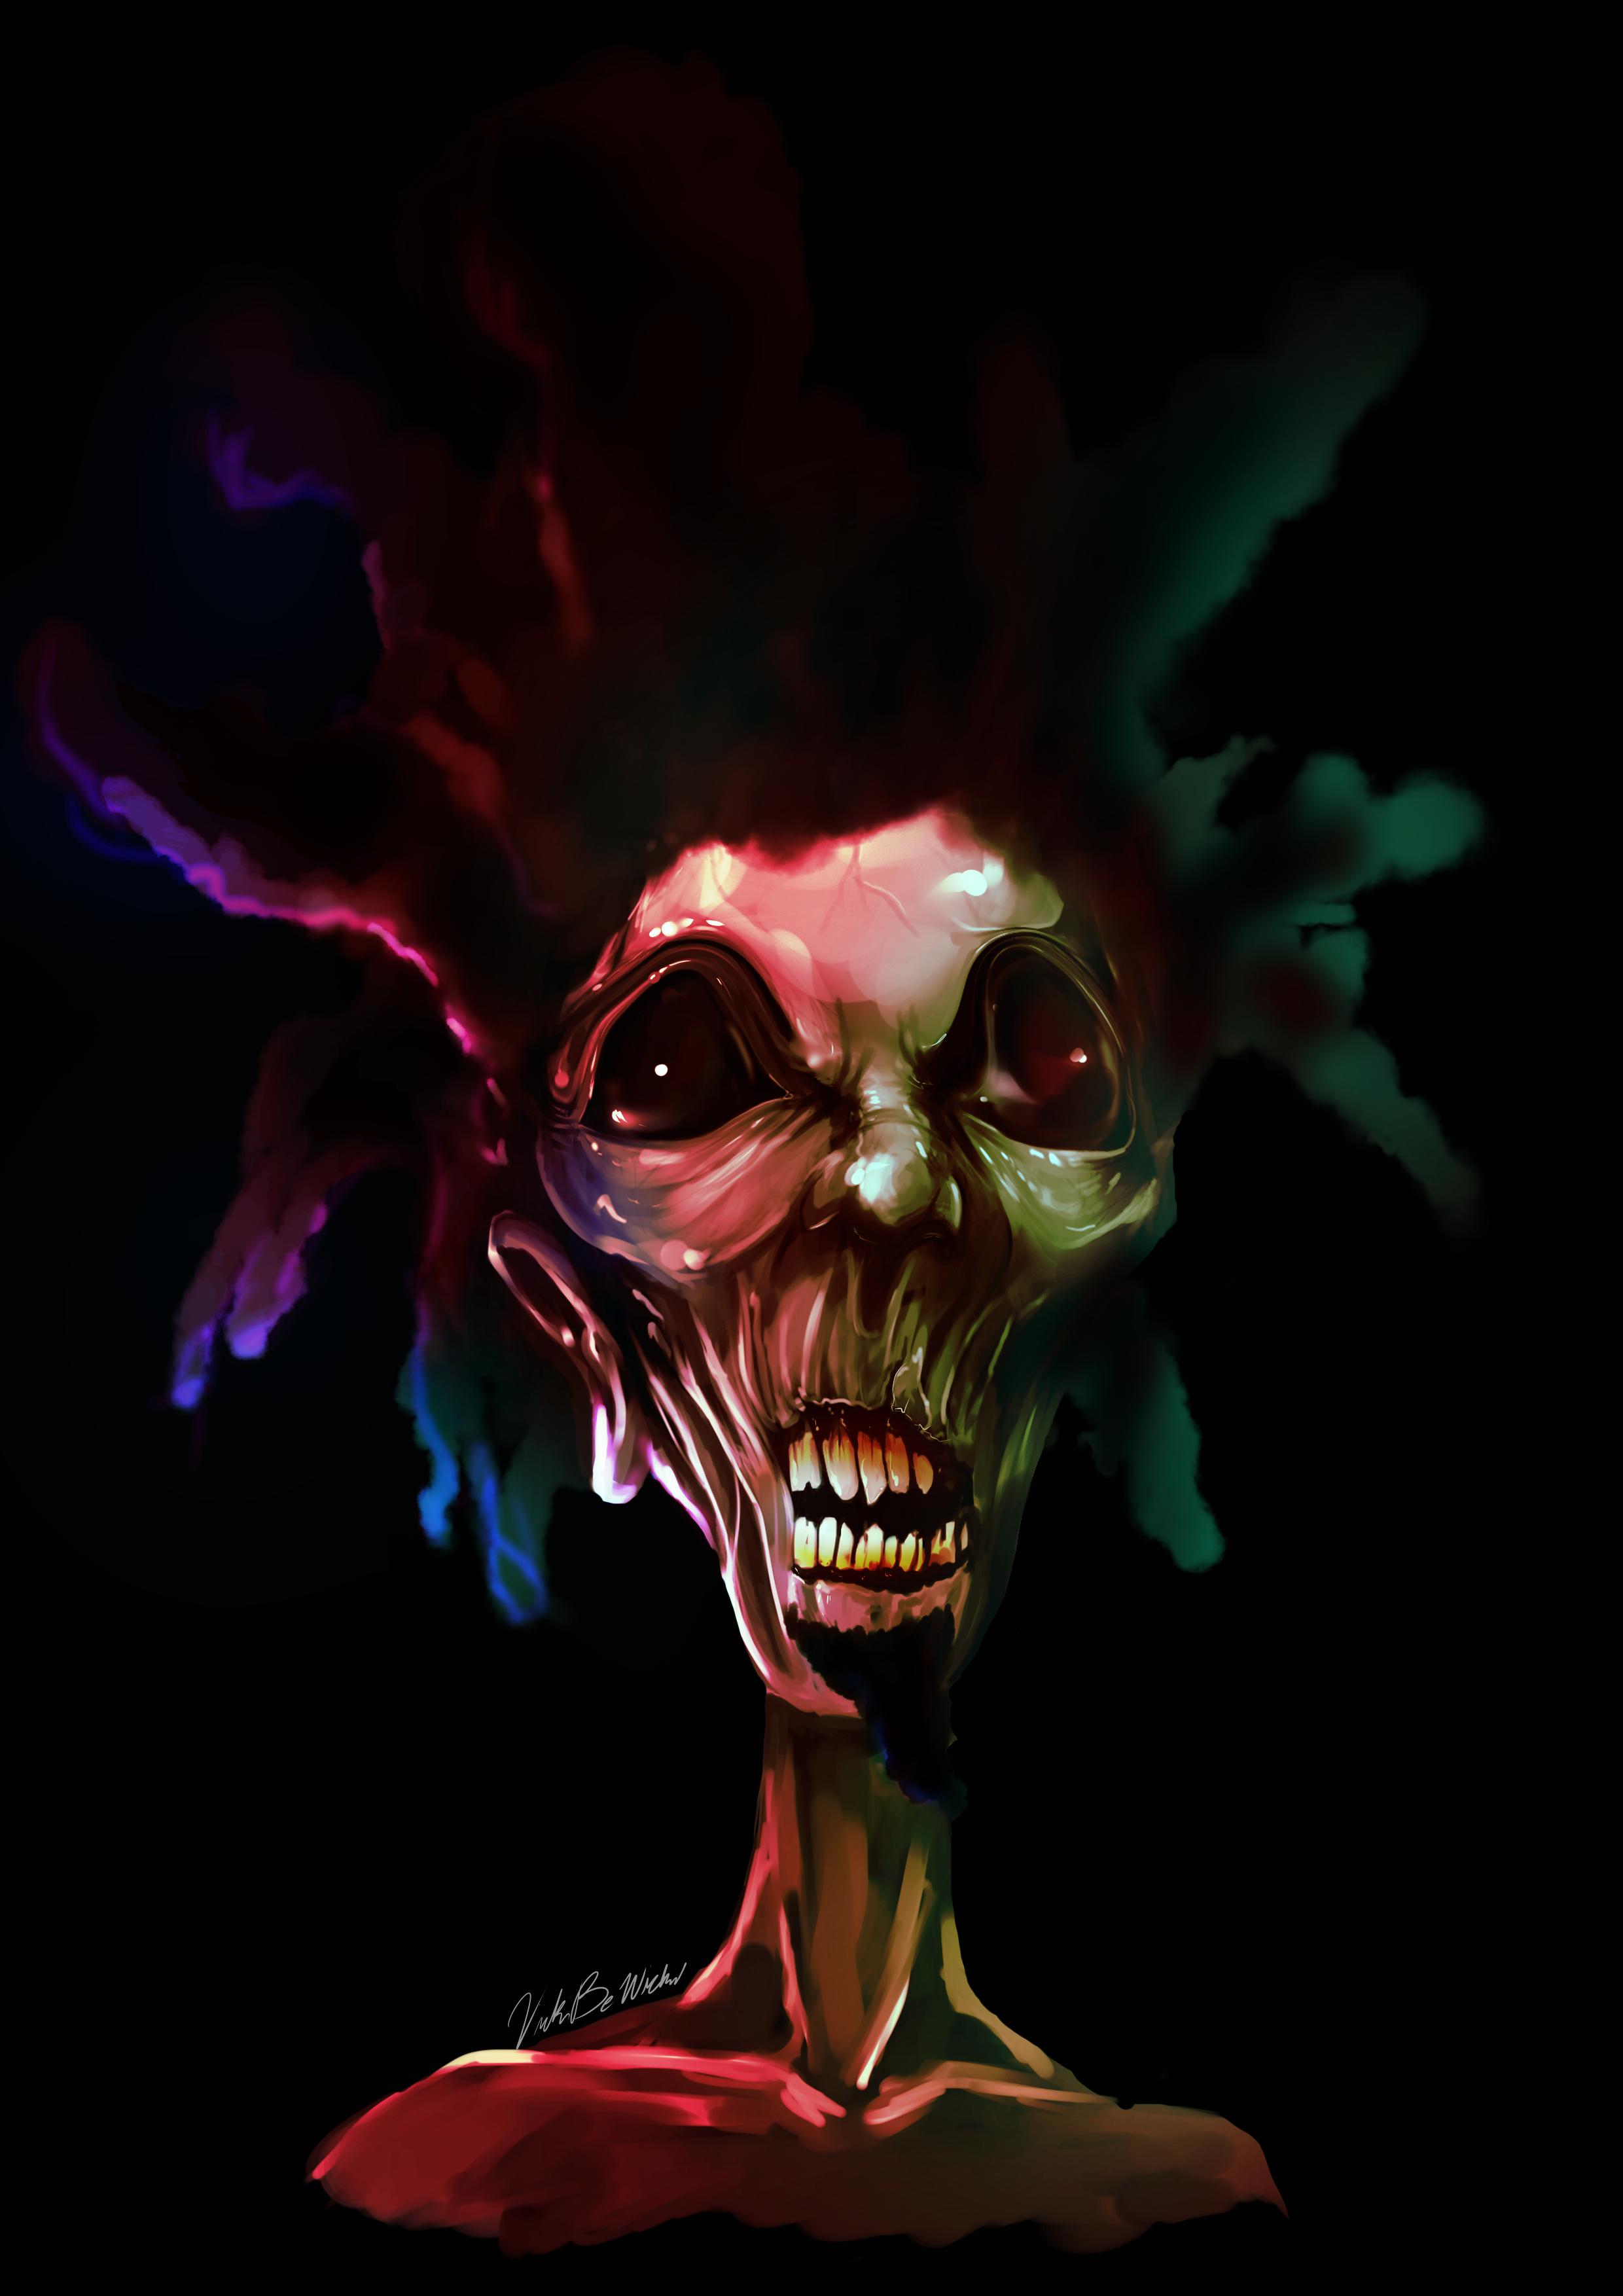 Natty Zombie